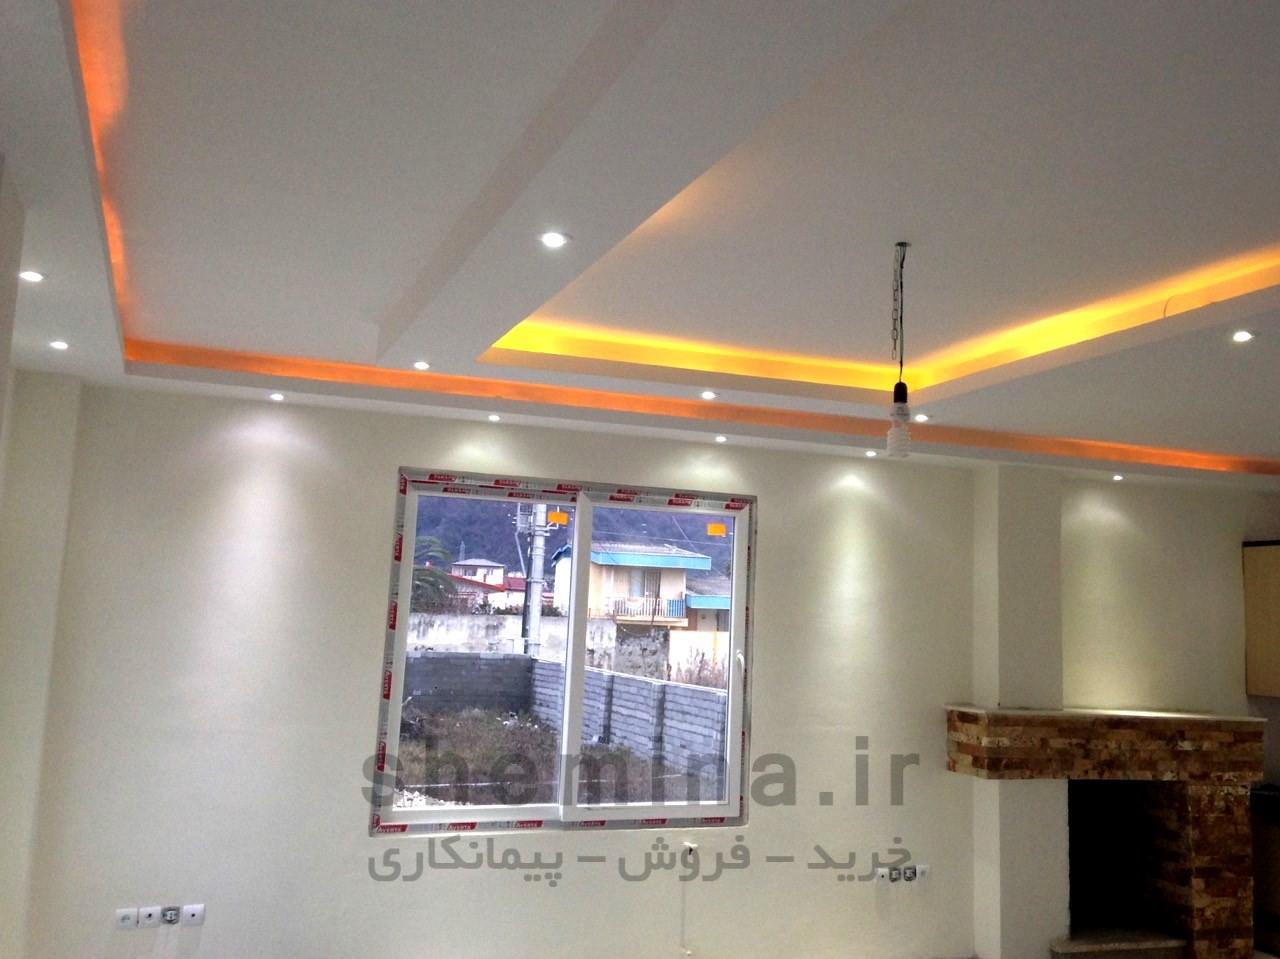 فروش ویلا در نوشهر – مزگا